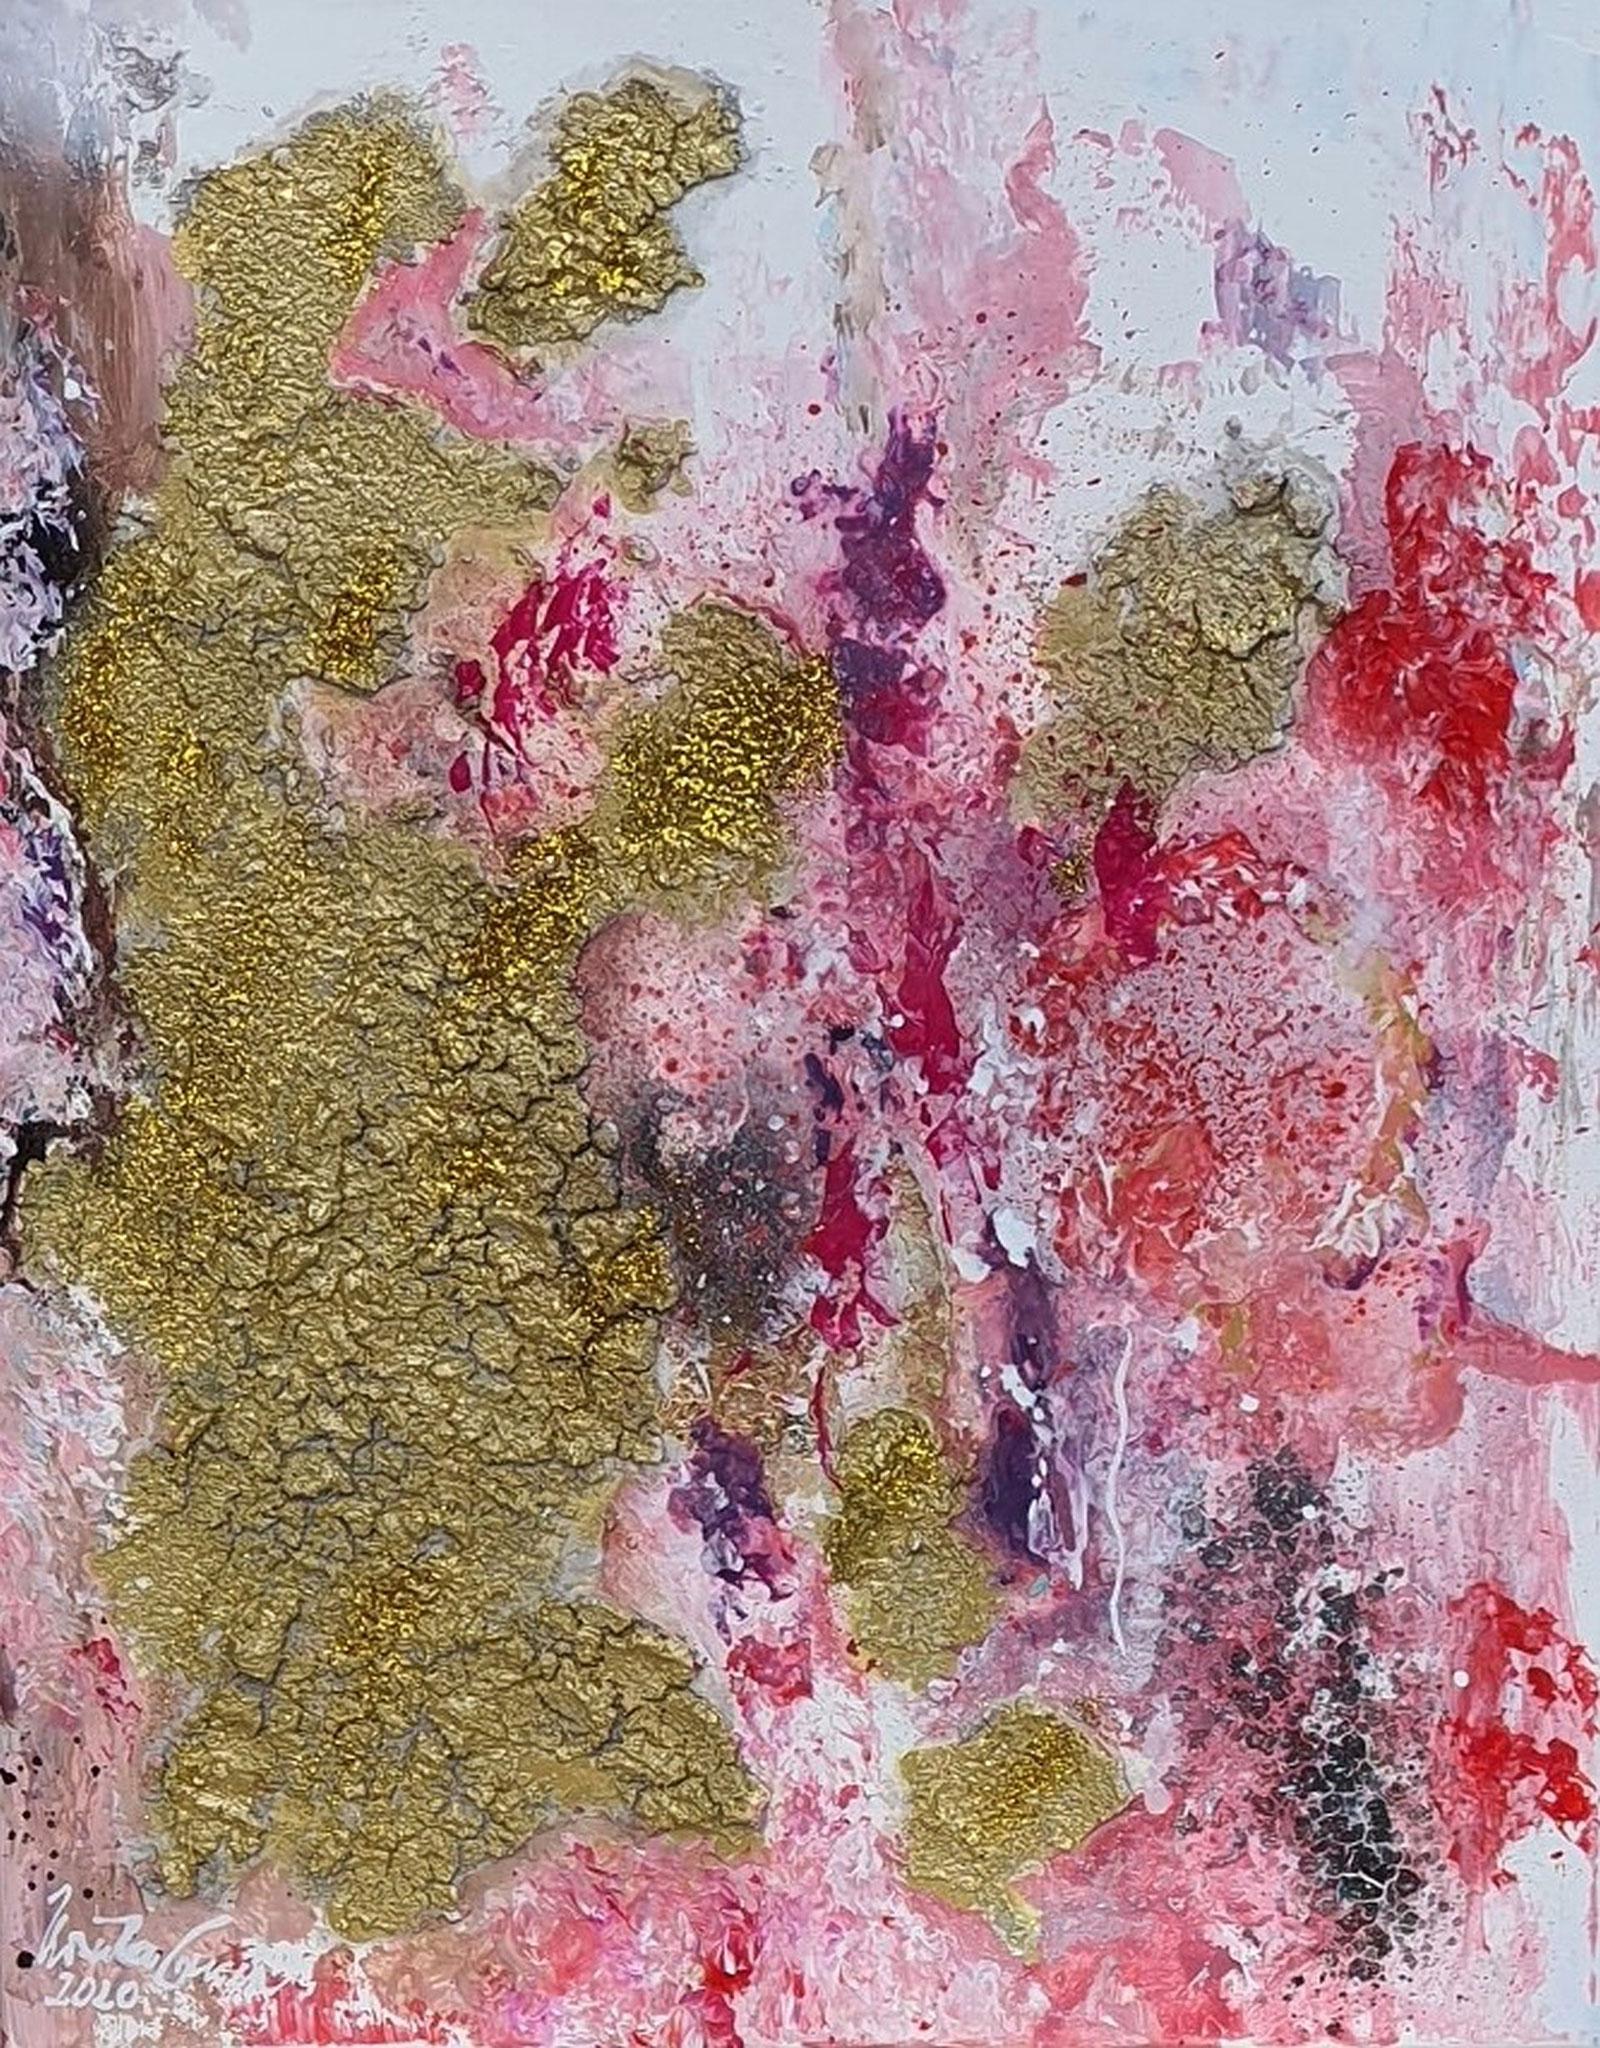 La vie en rose pour deux (Technik: Acryl/Mixed Media auf Leinwand 50 X 40 X 1,5 cm)